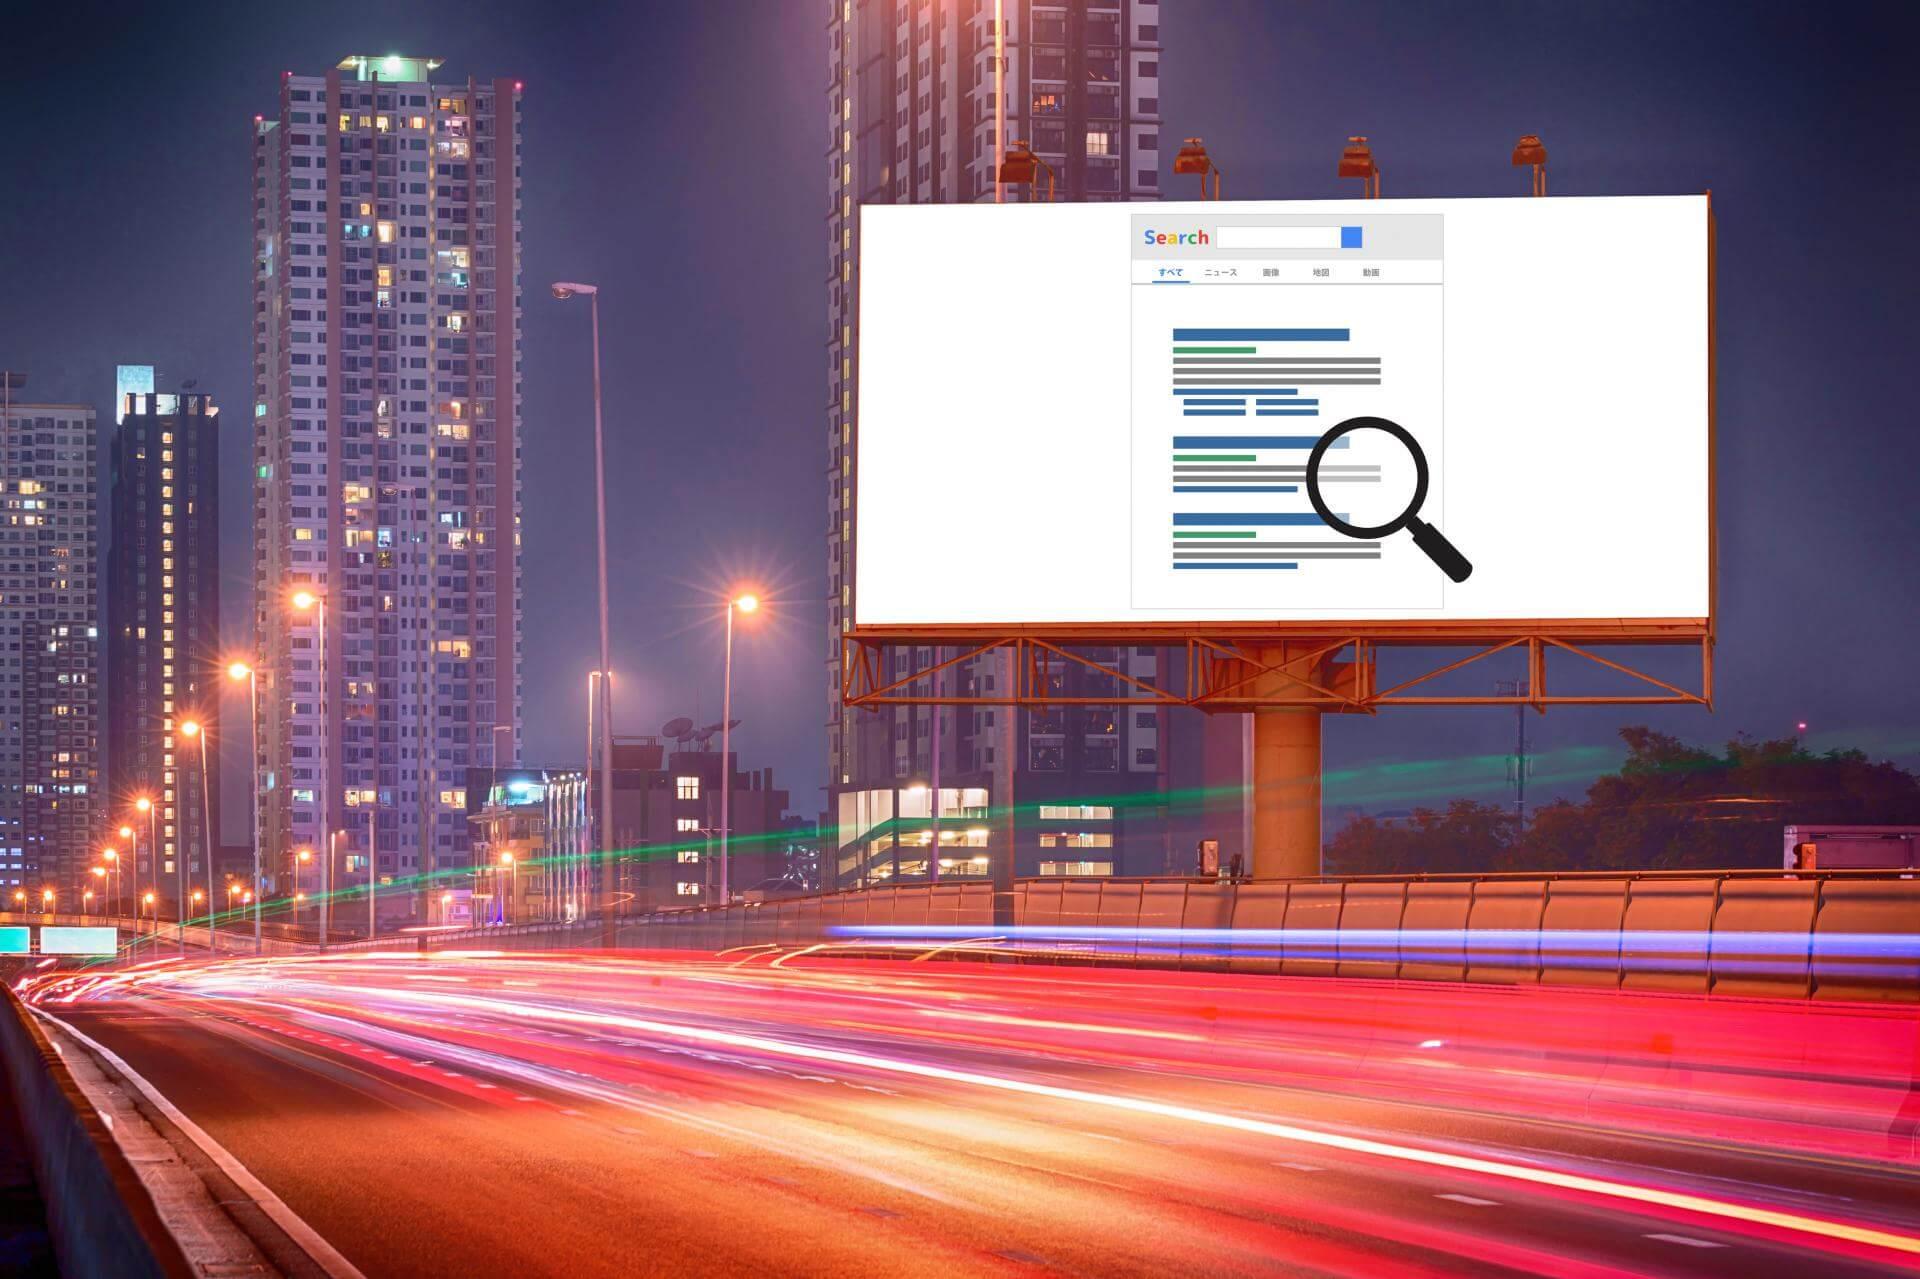 Der Klassiker:<br><span>Werbung mit Textanzeigen</span>